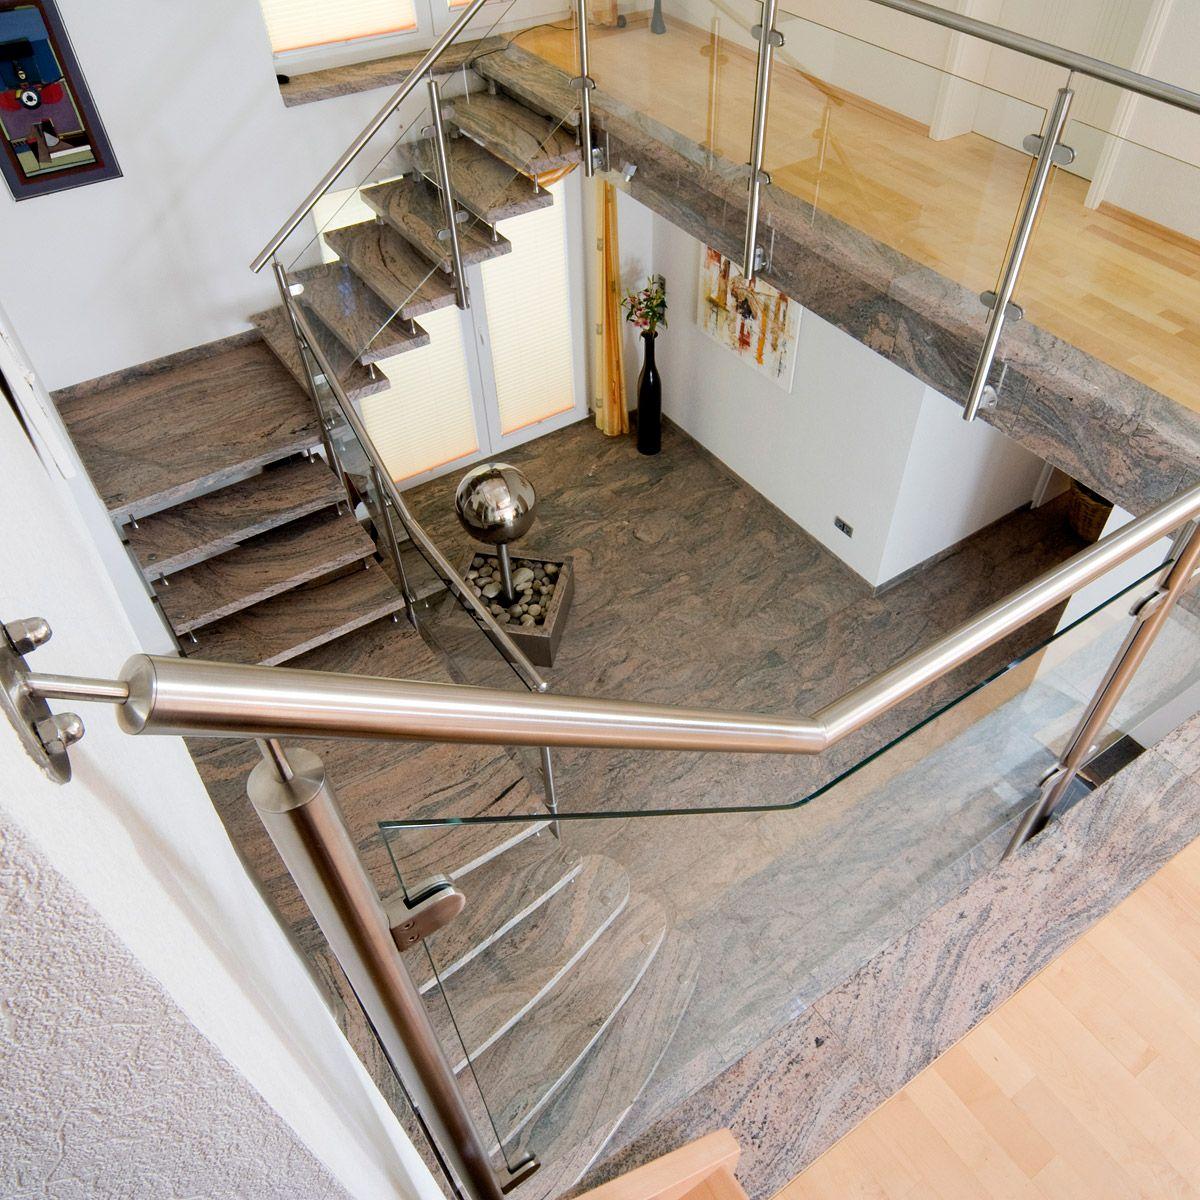 Naturstein Treppen – Der Klassiker im Innenbereich  Naturstein Treppen sind Einzelstücke, und werden bei uns nach Maß, Charakter und Stil Ihres Hauses angefertigt. Sie werden von uns mit höchster Präzision erarbeitet.  http://www.arbeitsplatten-naturstein.de/treppen-naturstein-treppen